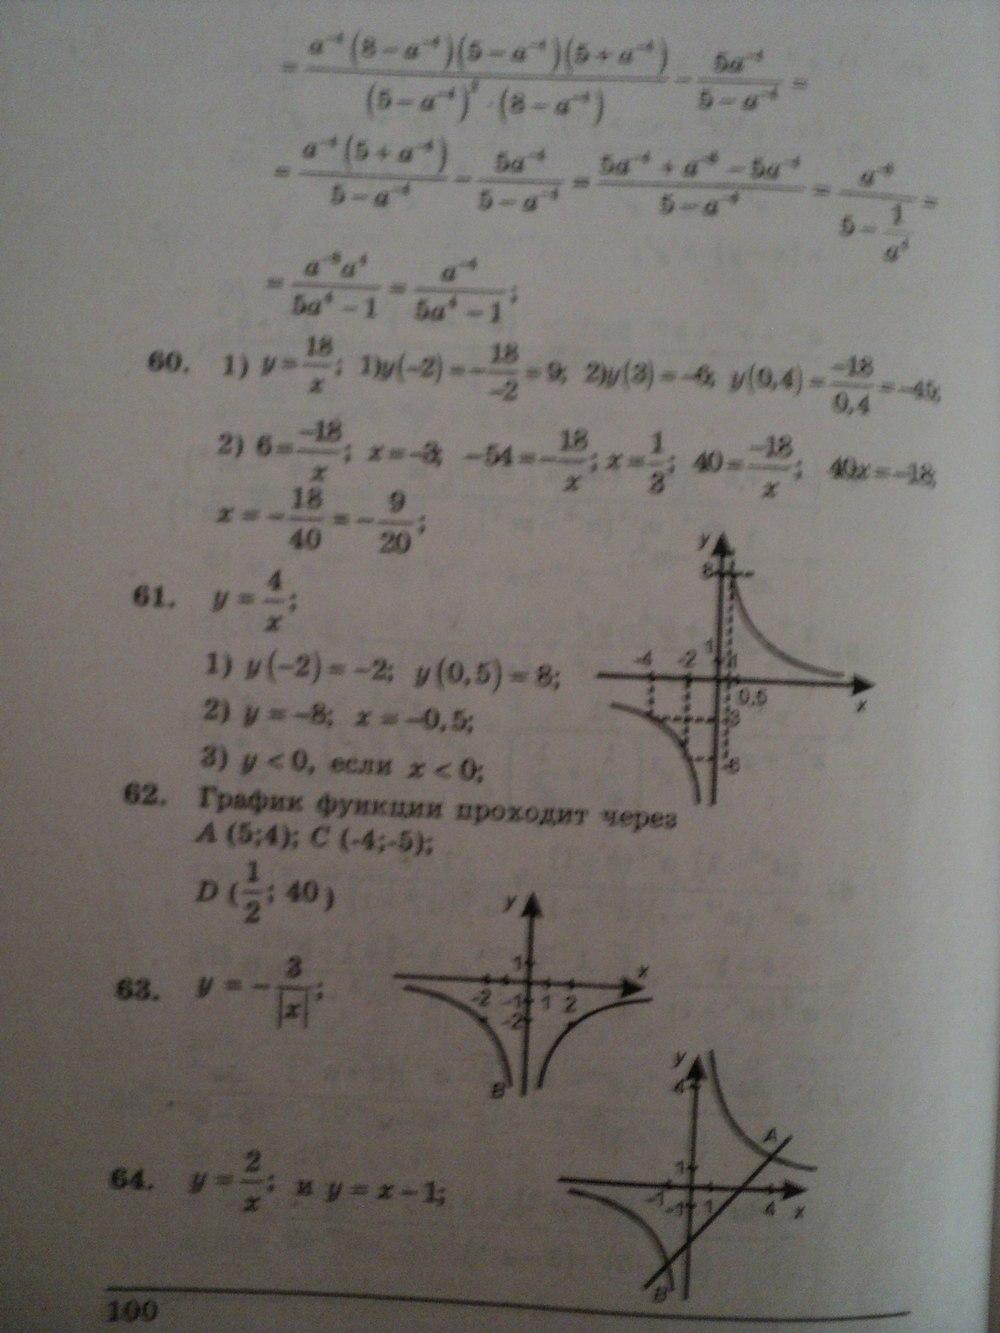 ГДЗ по алгебре 8 класс Щербань П.. Задание: стр. 100